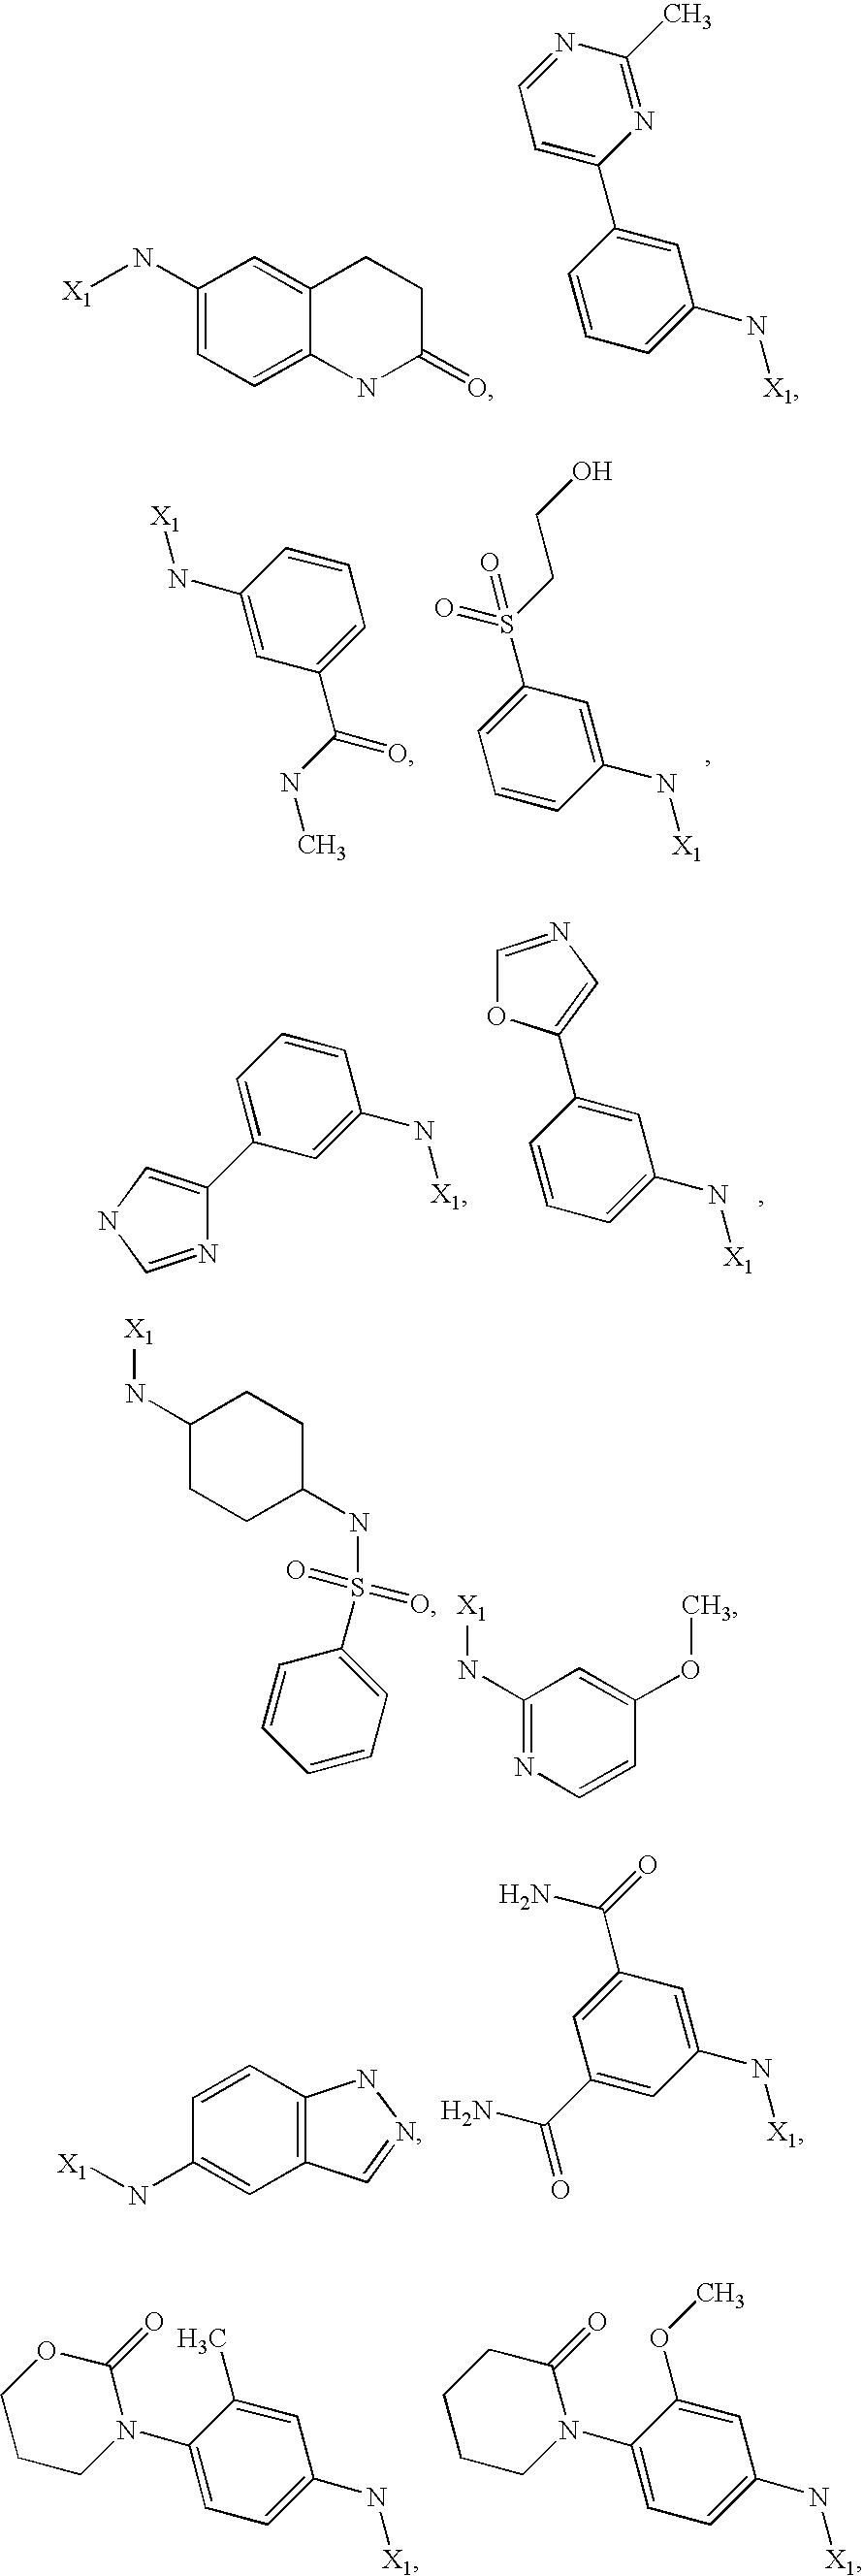 Figure US20100261687A1-20101014-C00515